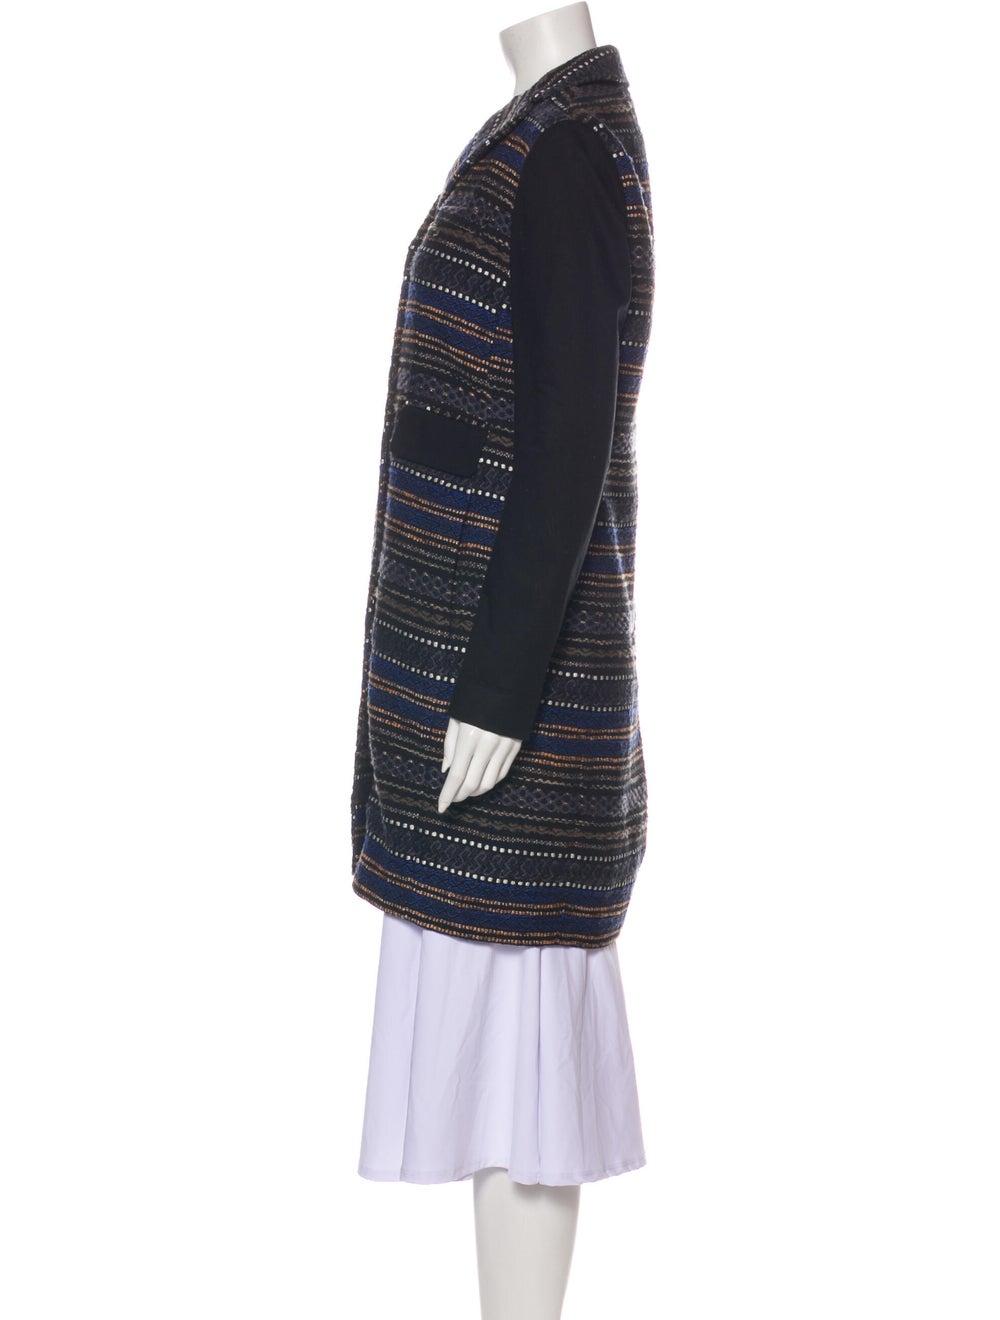 Gryphon Tweed Pattern Coat Black - image 2